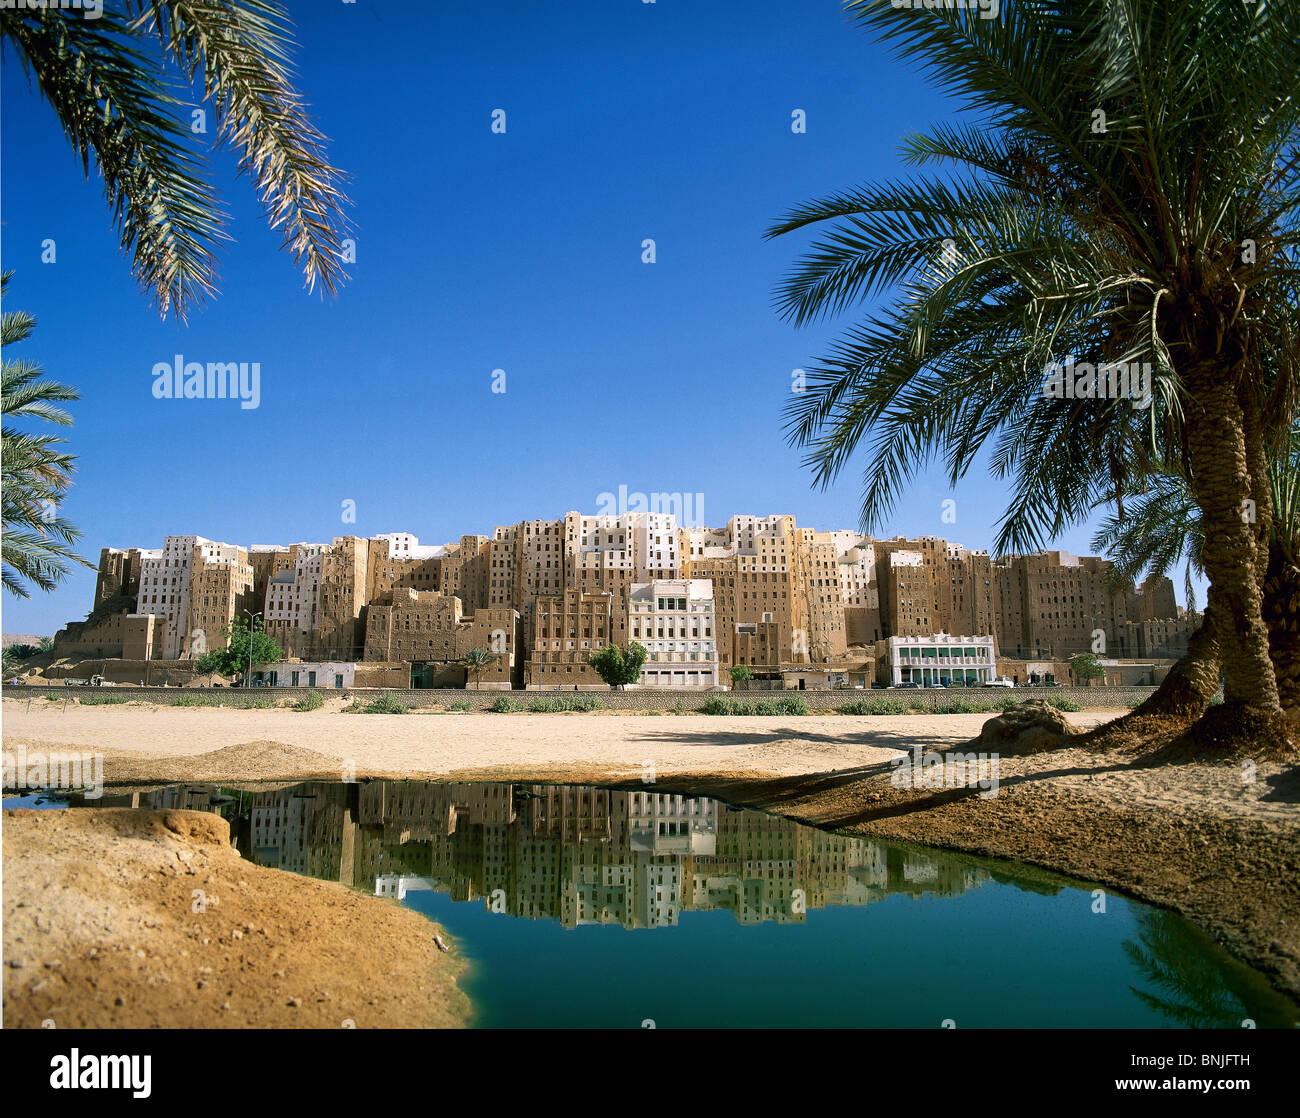 Février 2005 La vallée d'Hadramaout au Yémen Shibam ville site du patrimoine mondial de l'eau Photo Stock